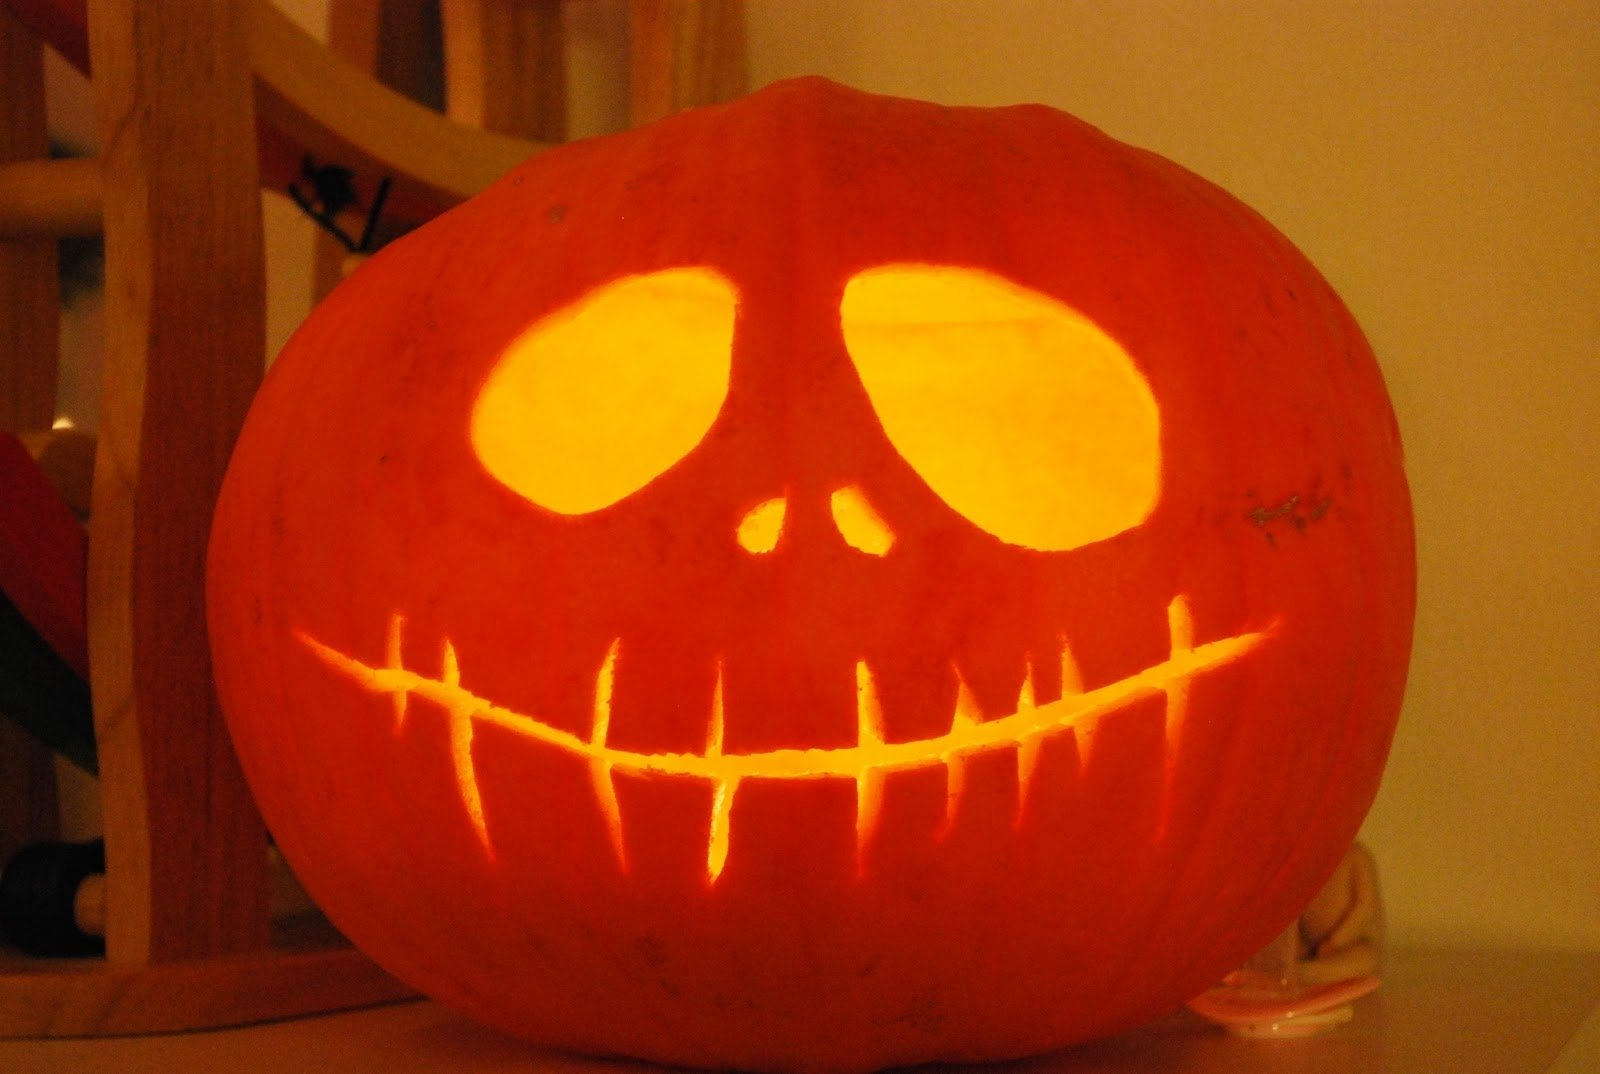 10 Attractive Good Easy Pumpkin Carving Ideas easy pumpkin carving ideas pictures 21 spooky pumpkin carvings movie 2020